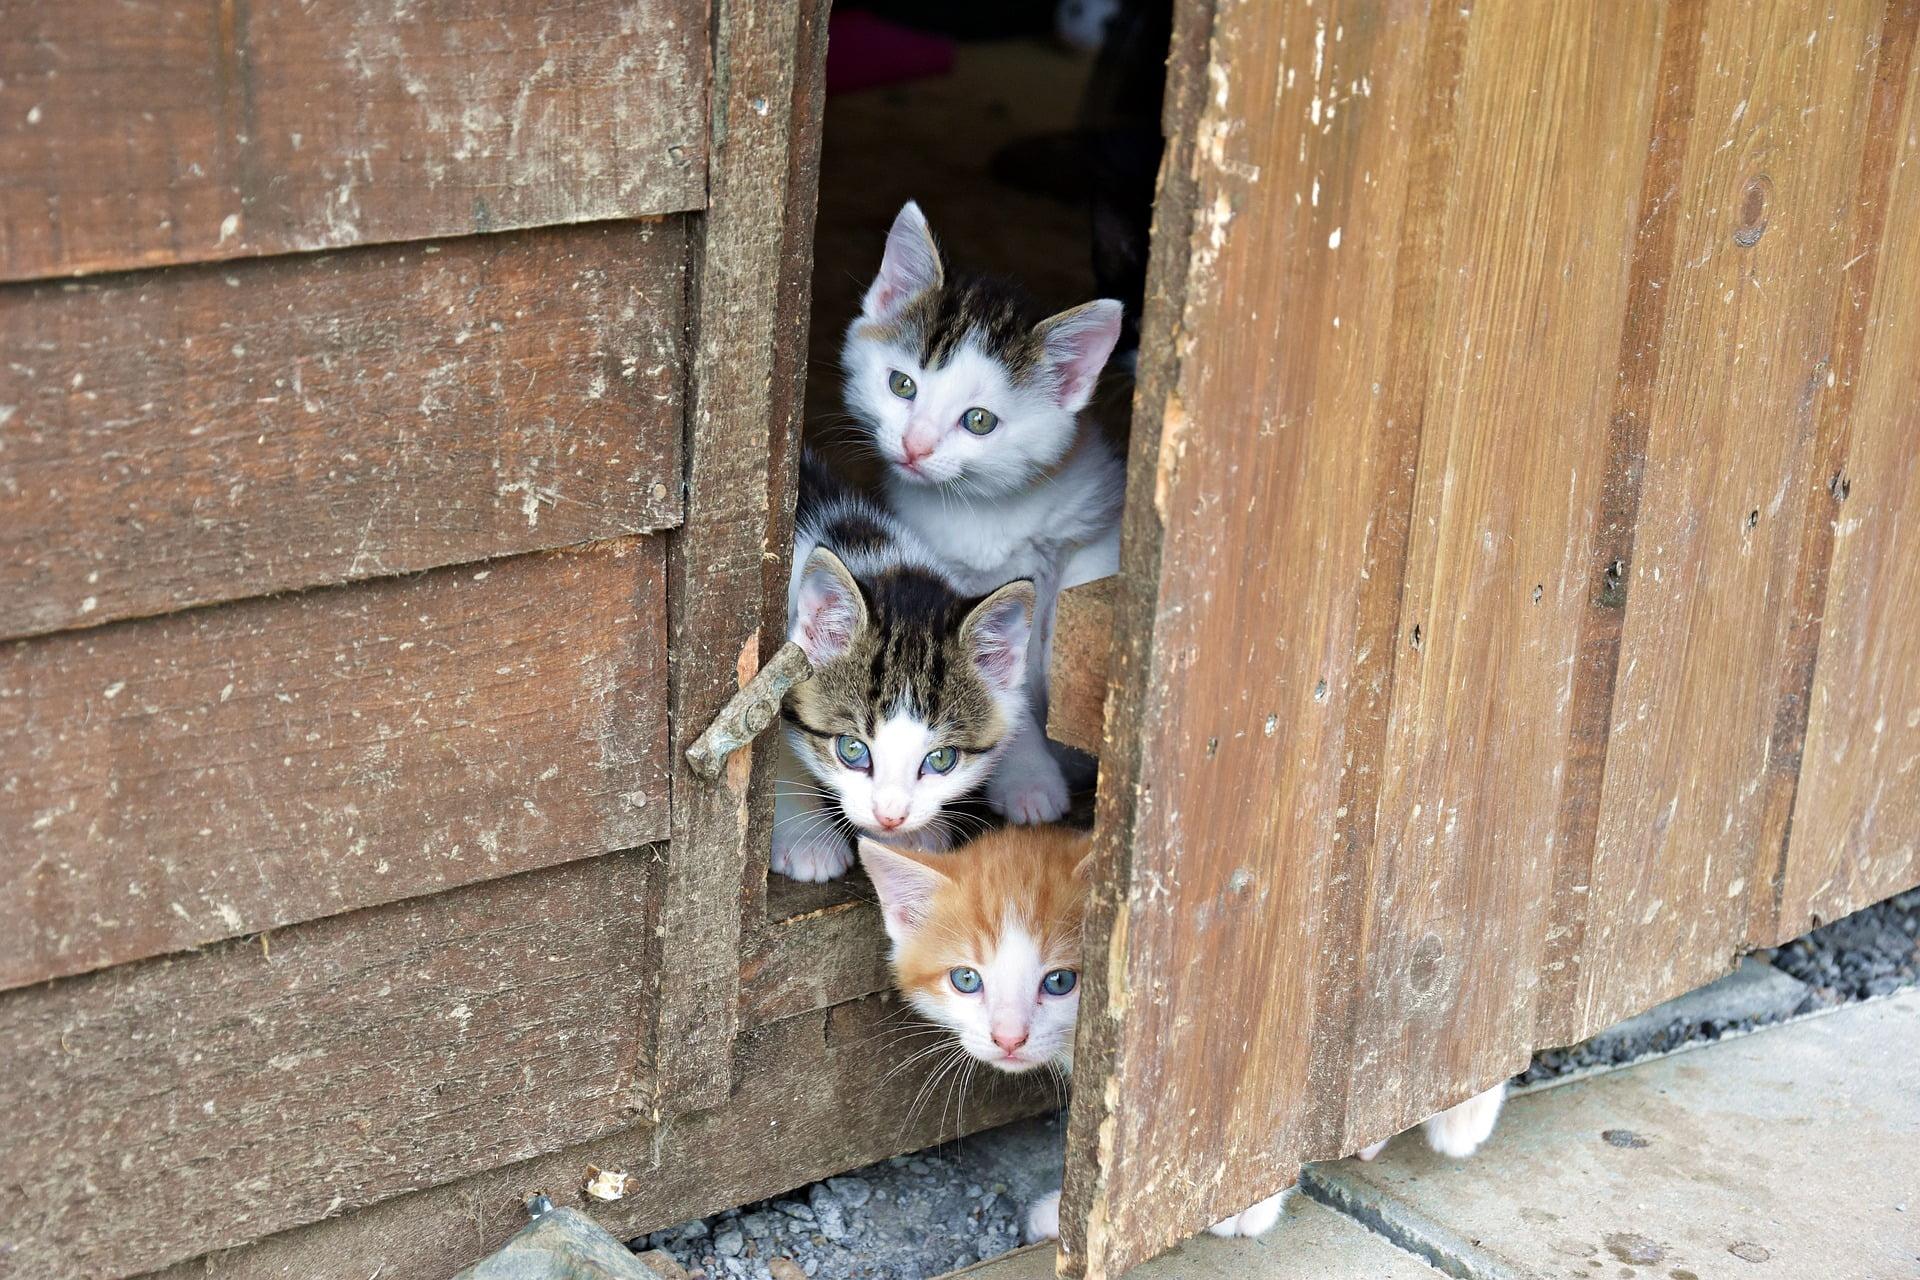 Mejor manera de presentarle a tu gato un gato nuevo 1